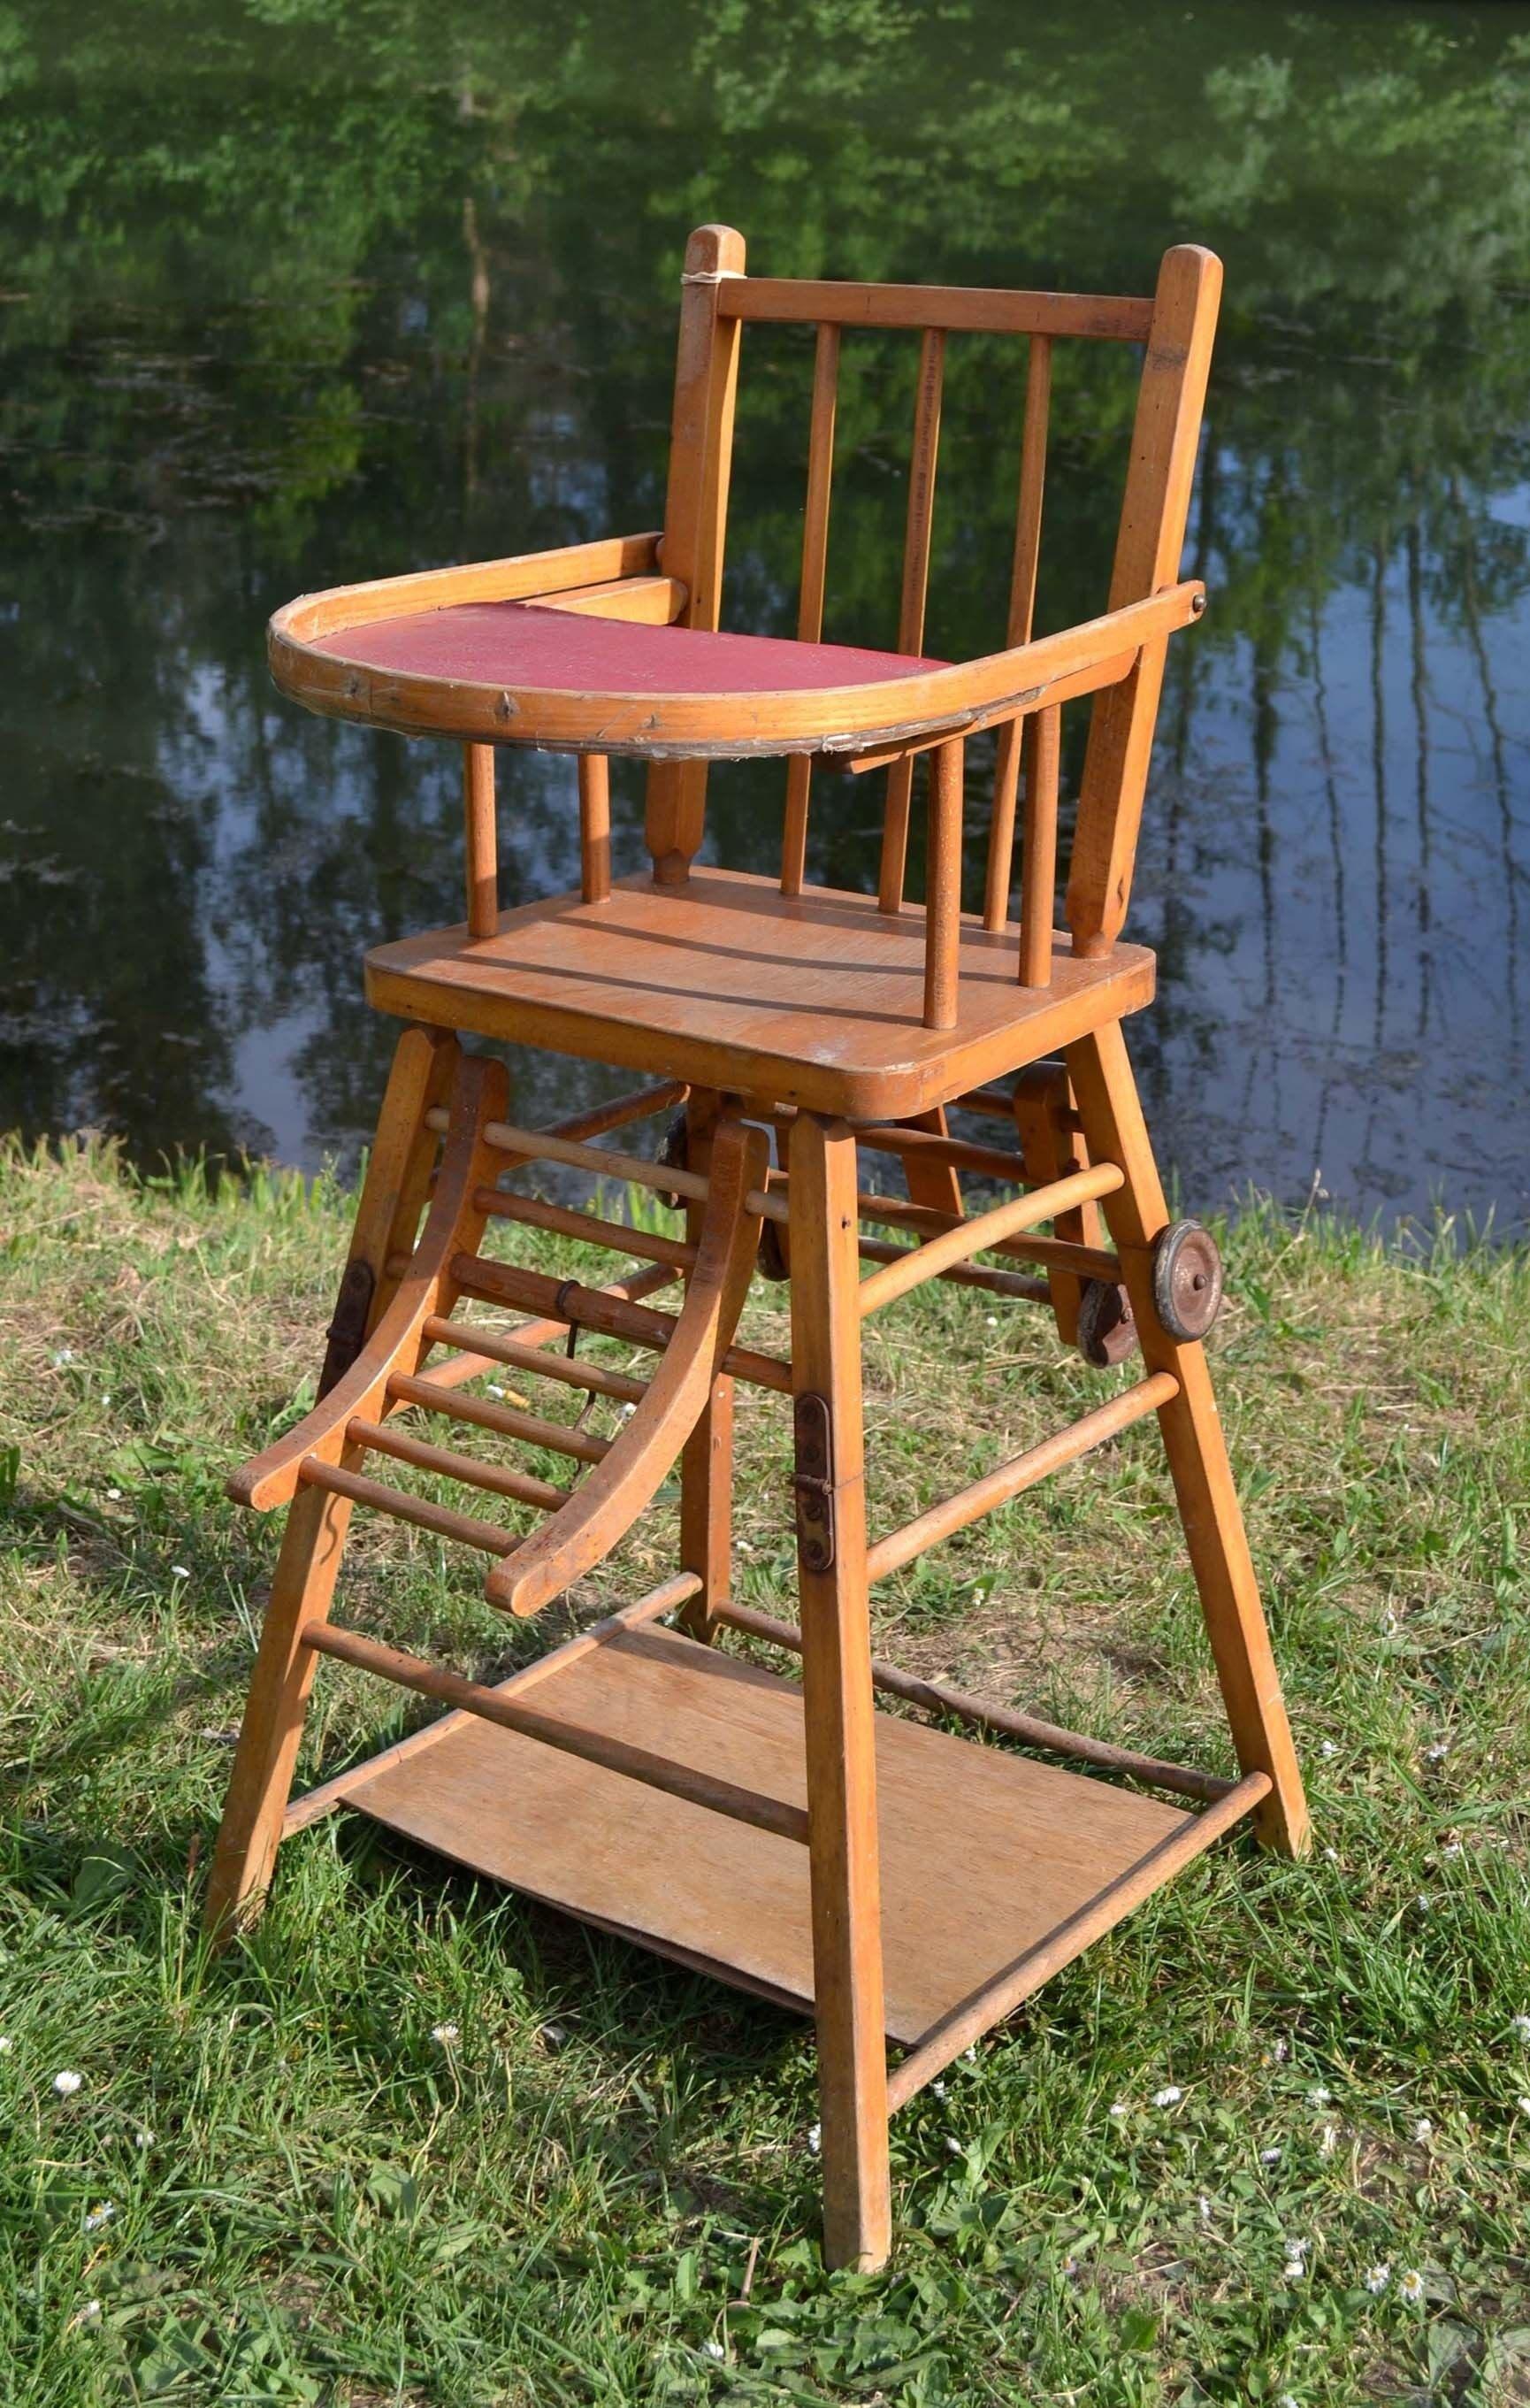 Lit Pliant Bois Bébé Génial Chaise Haute Bébé Ikea Chaise Haute Bébé Pliante Parc B C3 A9b C3 A9